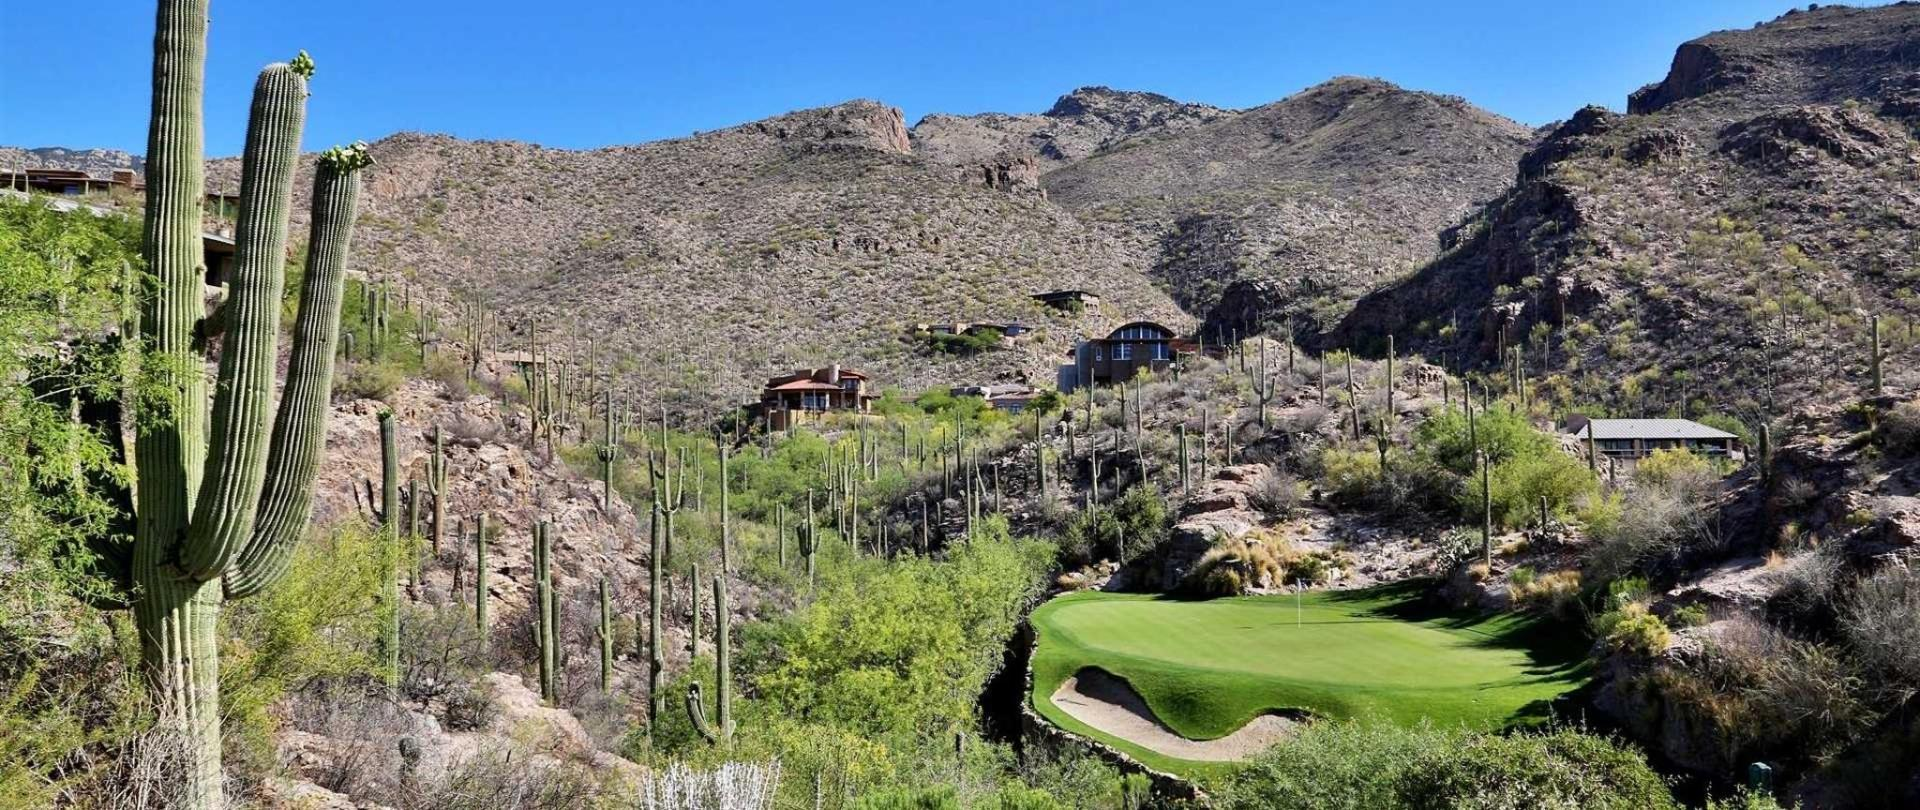 The Lodge at Ventana Canyon